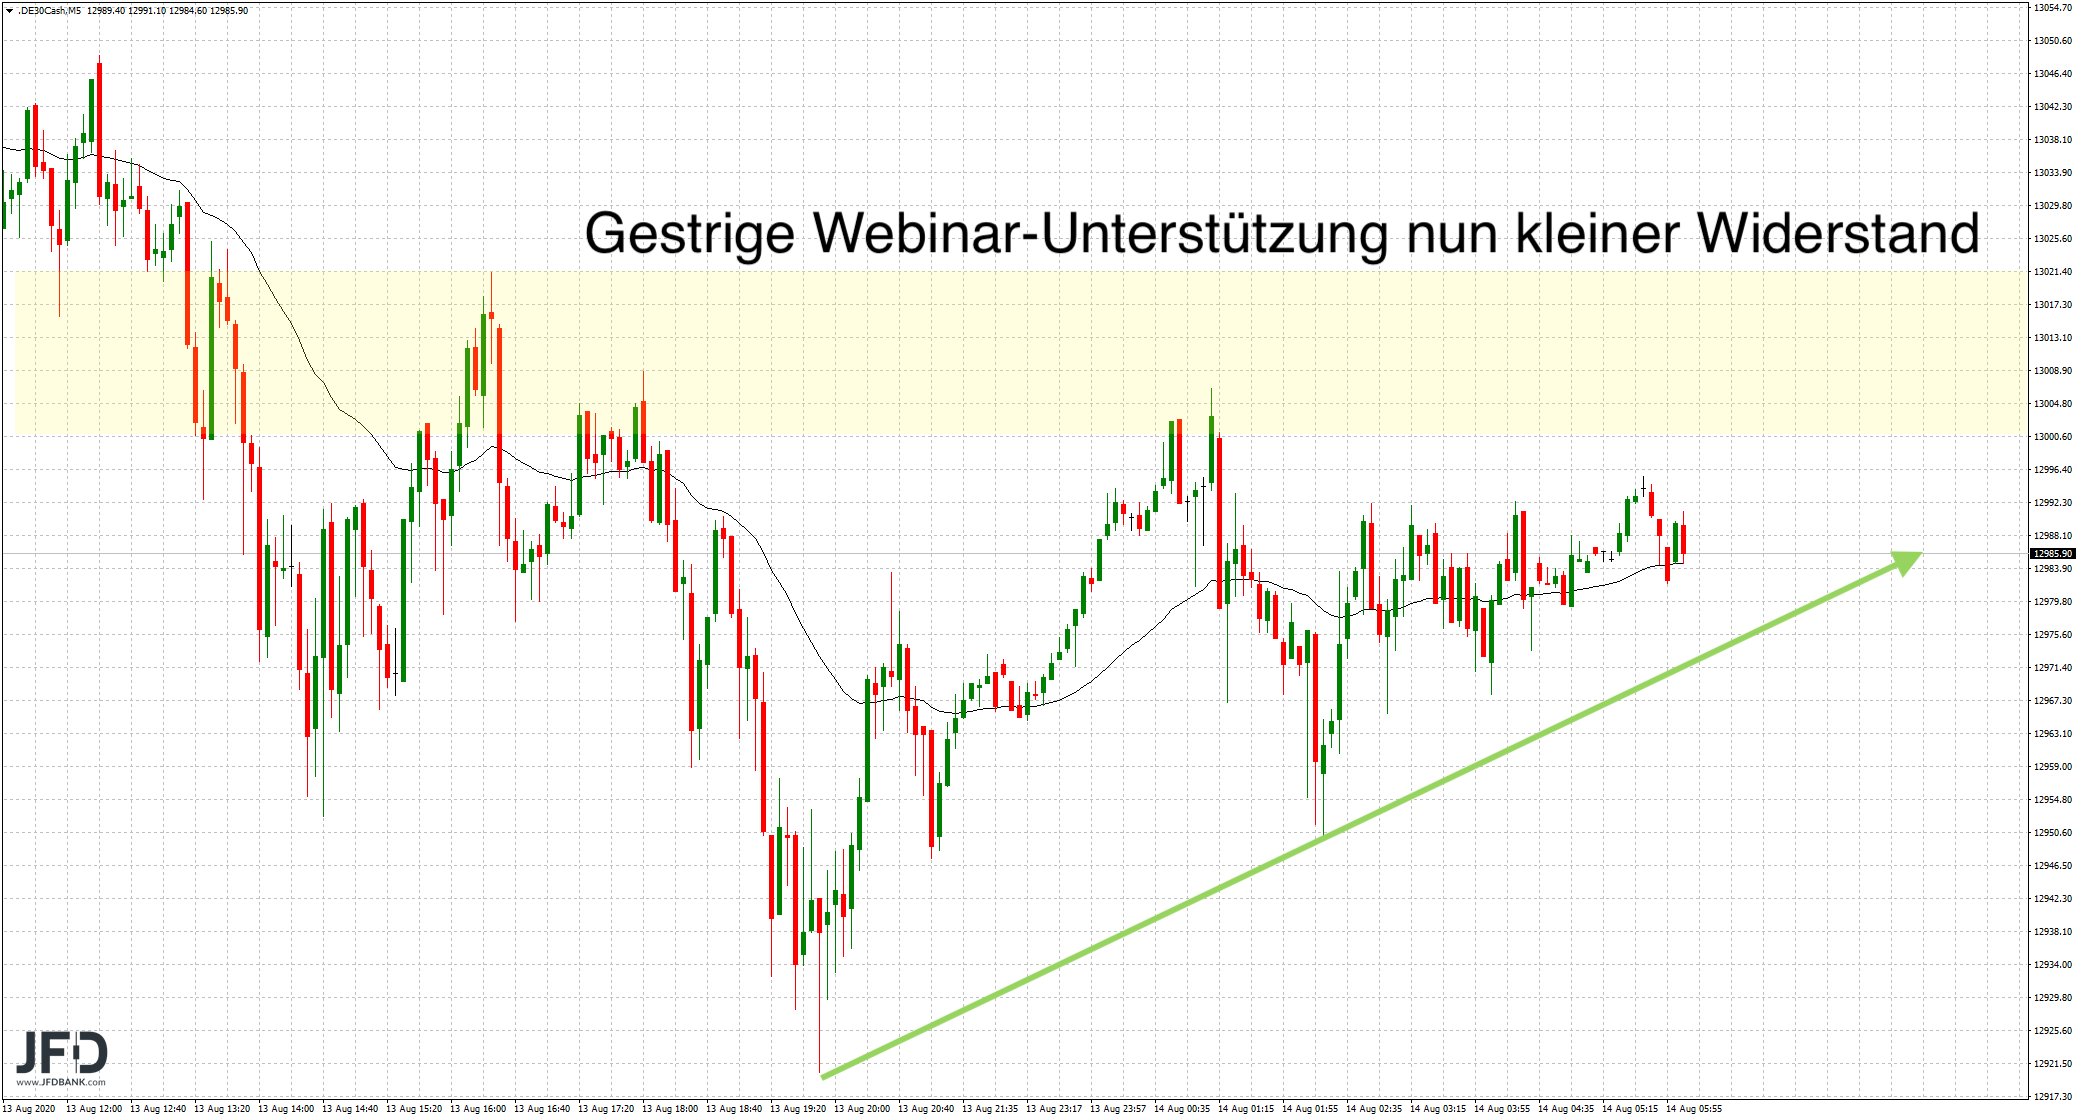 DAX-Handel-im-Fokus-der-13-000-Kommentar-JFD-Bank-GodmodeTrader.de-7